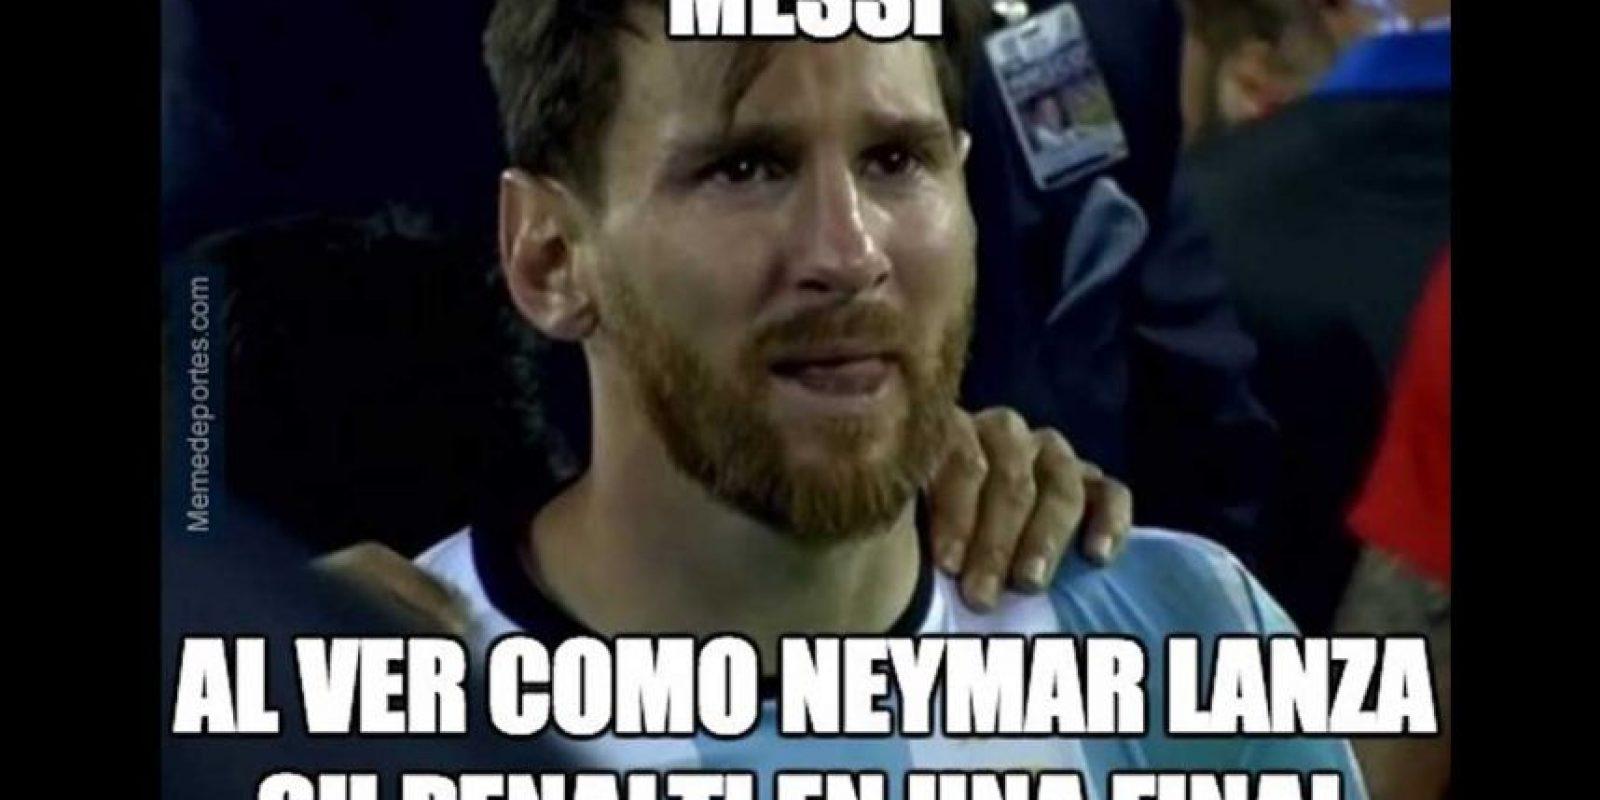 Messi se llevó una que otra crítica. Foto:memedeportes.com